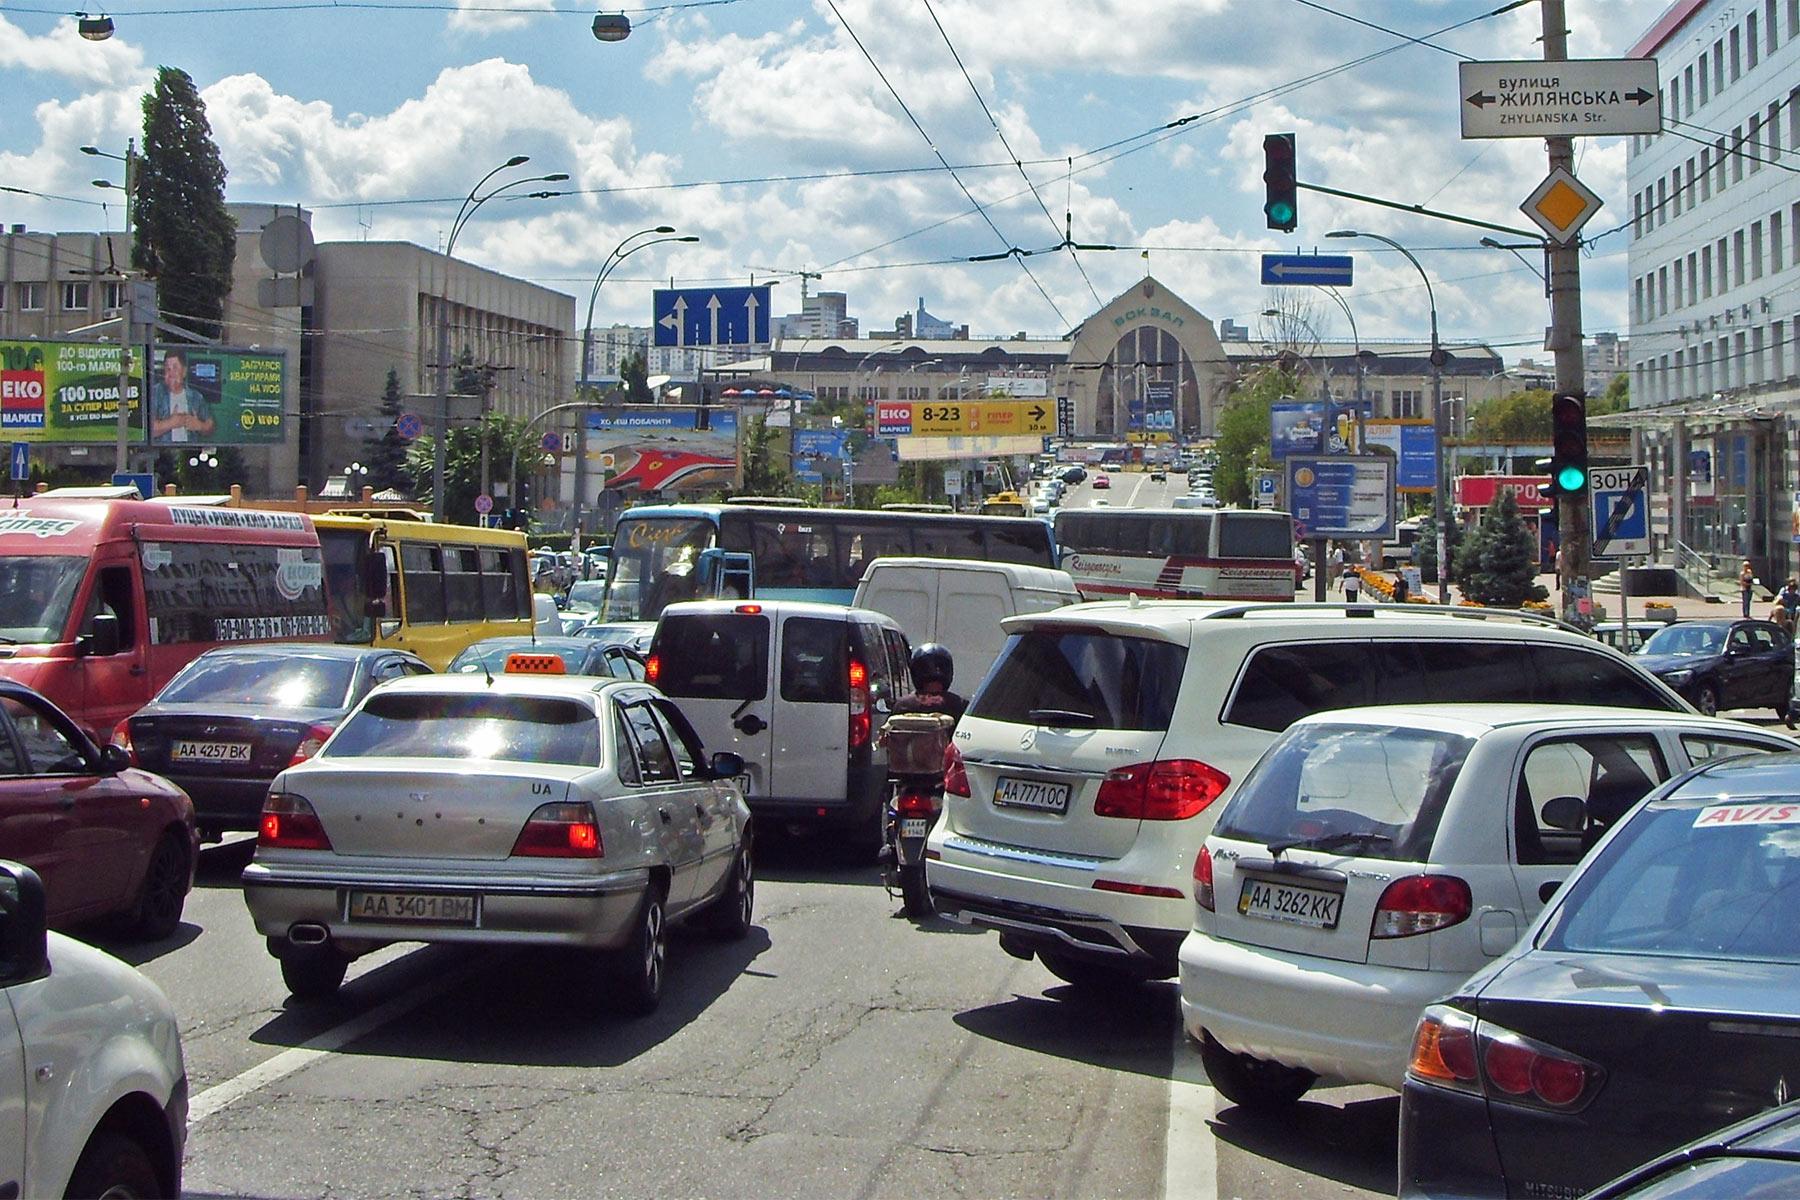 Транспортный коллапс: завтра Киев встанет в одной большой пробке